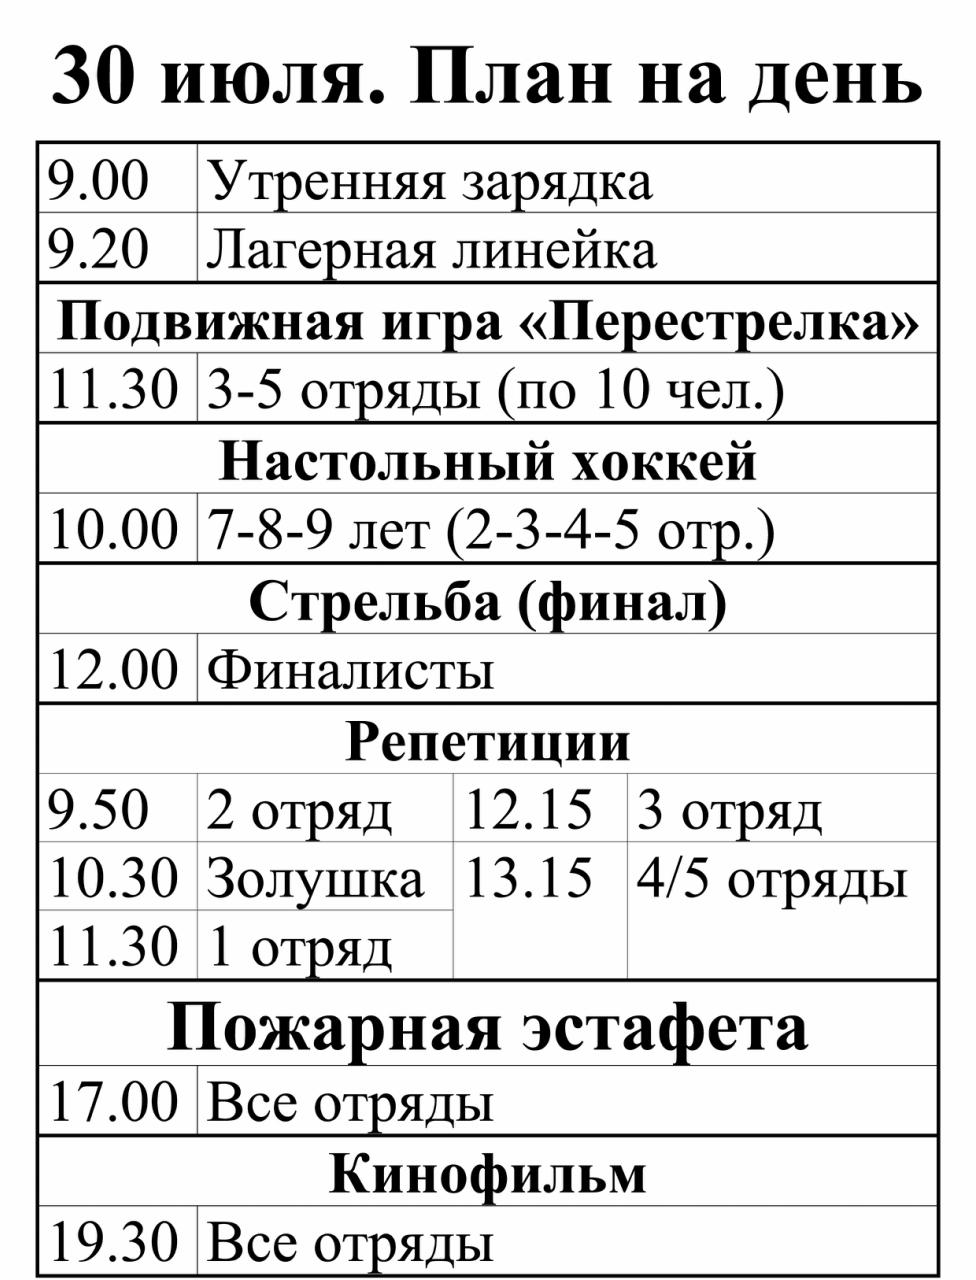 30-июля-план-на-день.jpg